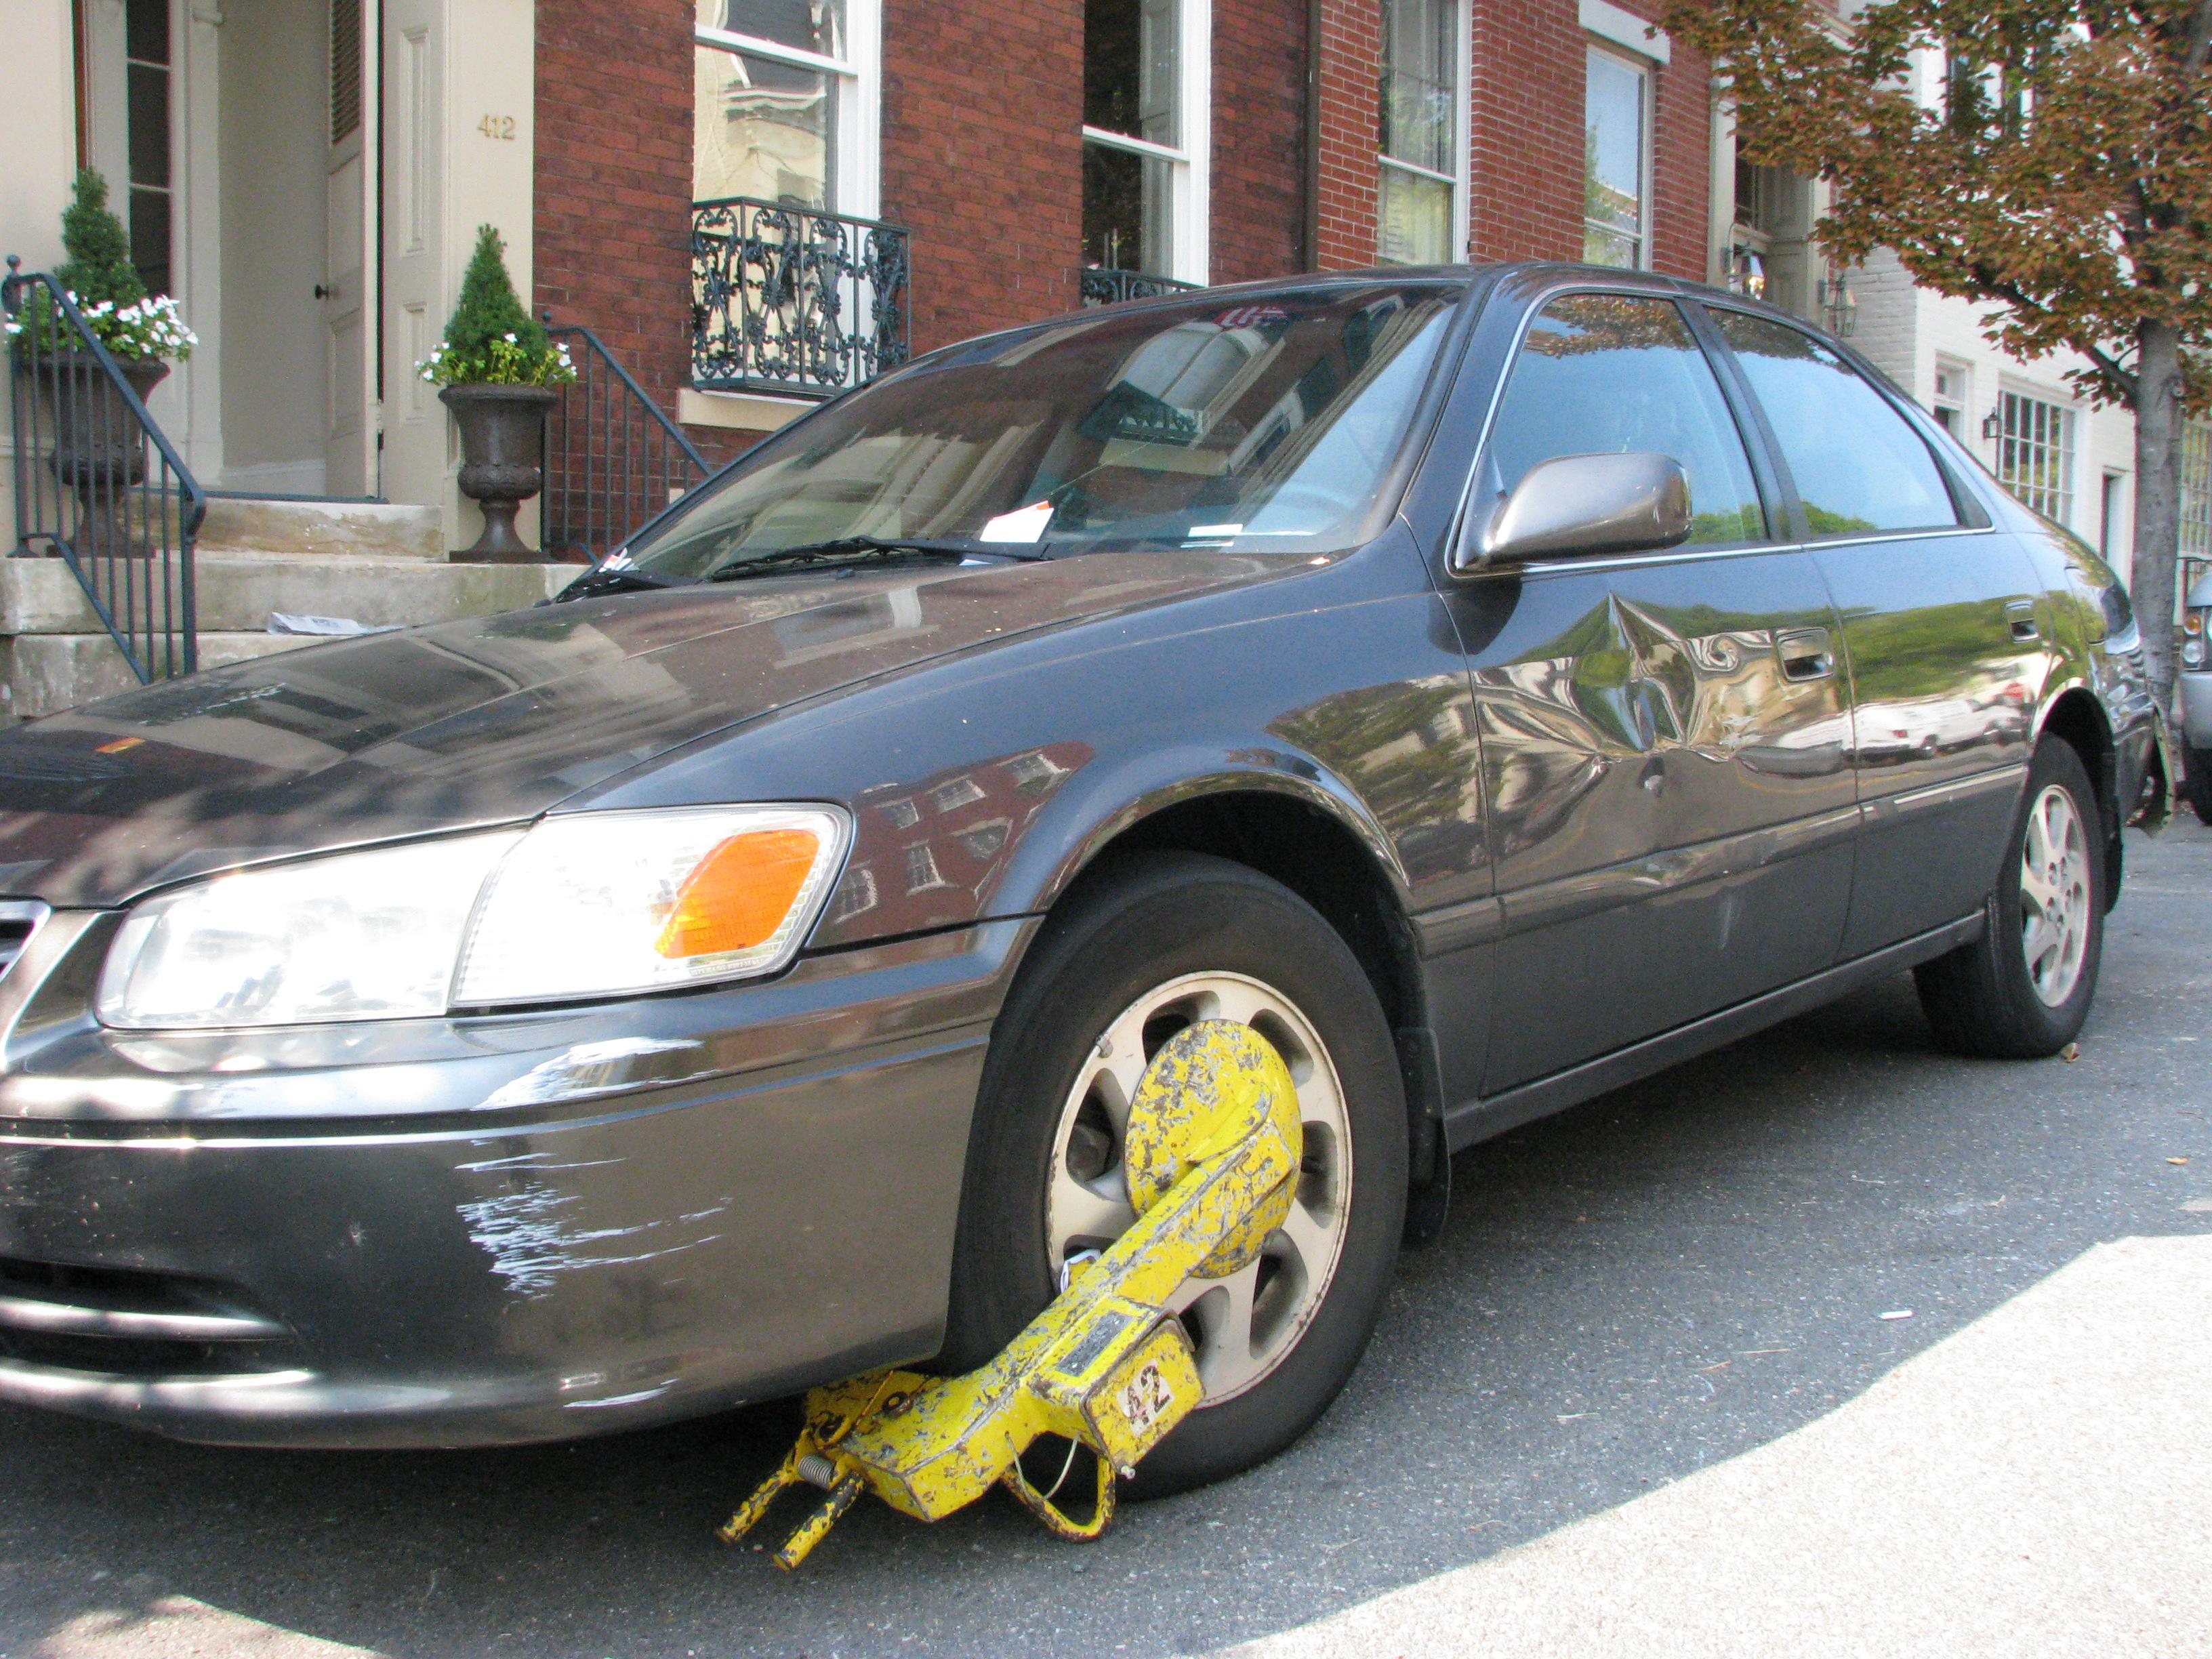 car boot thief arrested alexandria times alexandria va